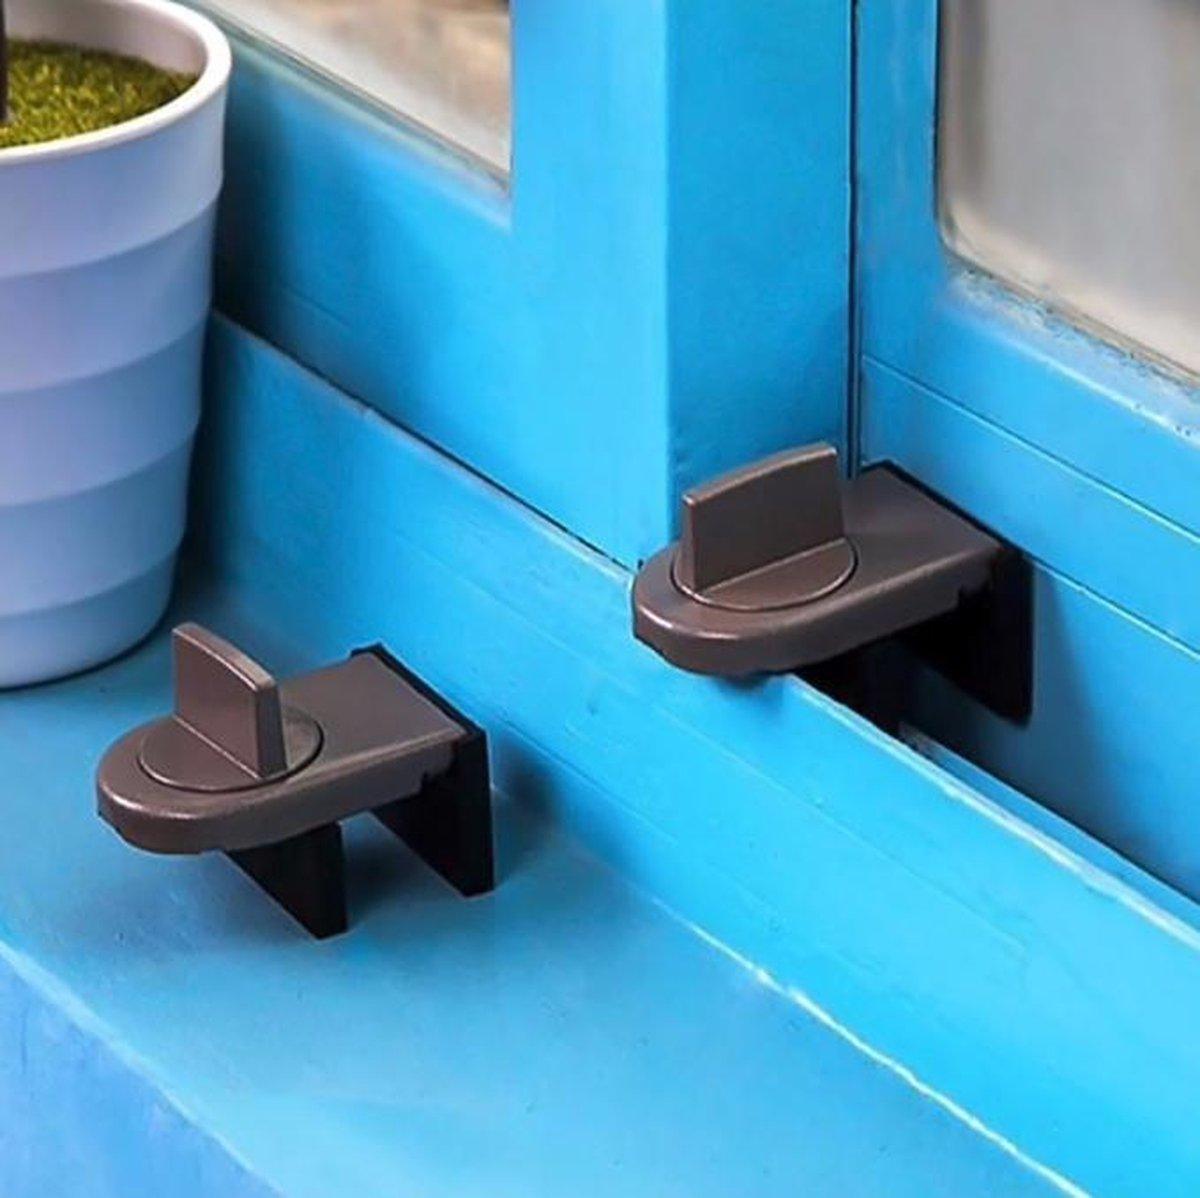 Raam slot -window lock -beveiliging - houd uw huis veilig - bruin - raam - kinderslot - schuifraam -